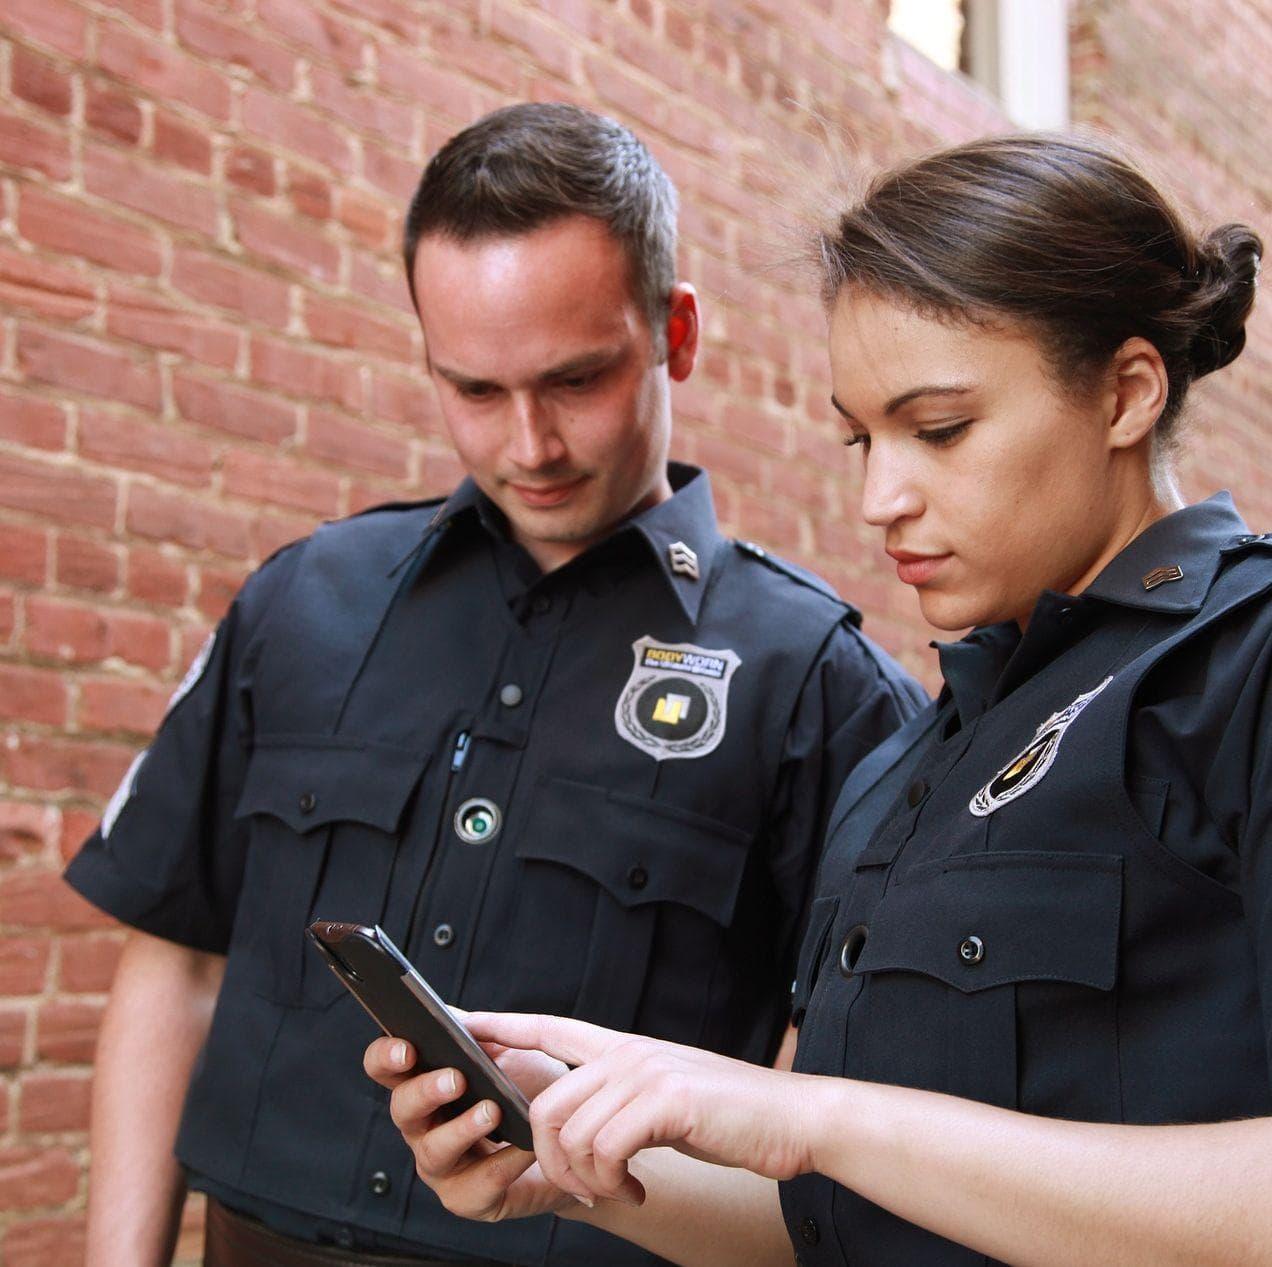 Police Officer on Random Best Jobs for Pokemon Go Addicts